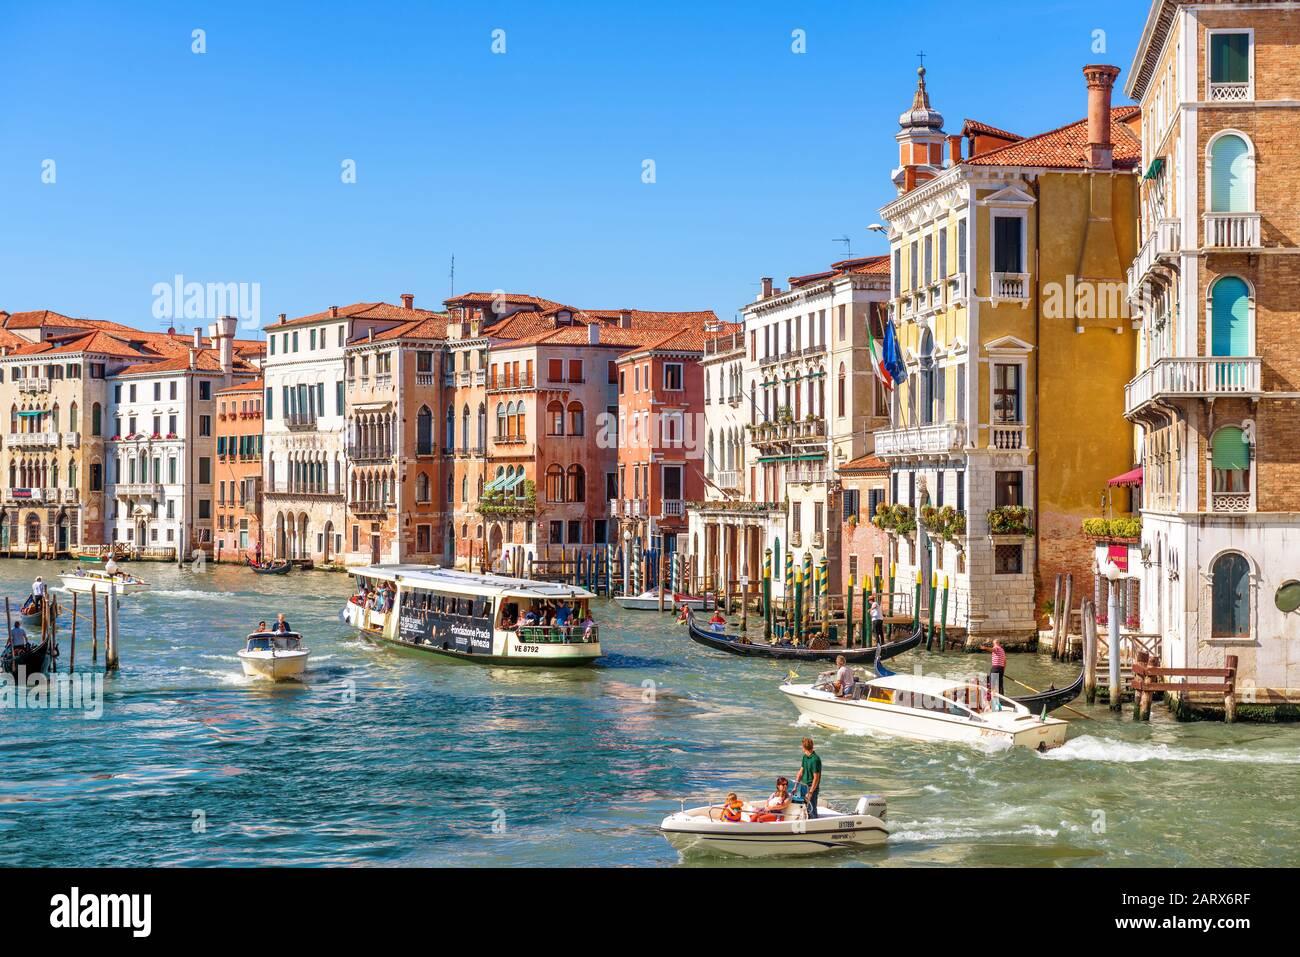 Venise, Italie - 21 mai 2017 : panorama ensoleillé du Grand Canal avec bateaux touristiques à Venise. Le Grand Canal est l'une des principales attractions touristiques de Venise. Banque D'Images